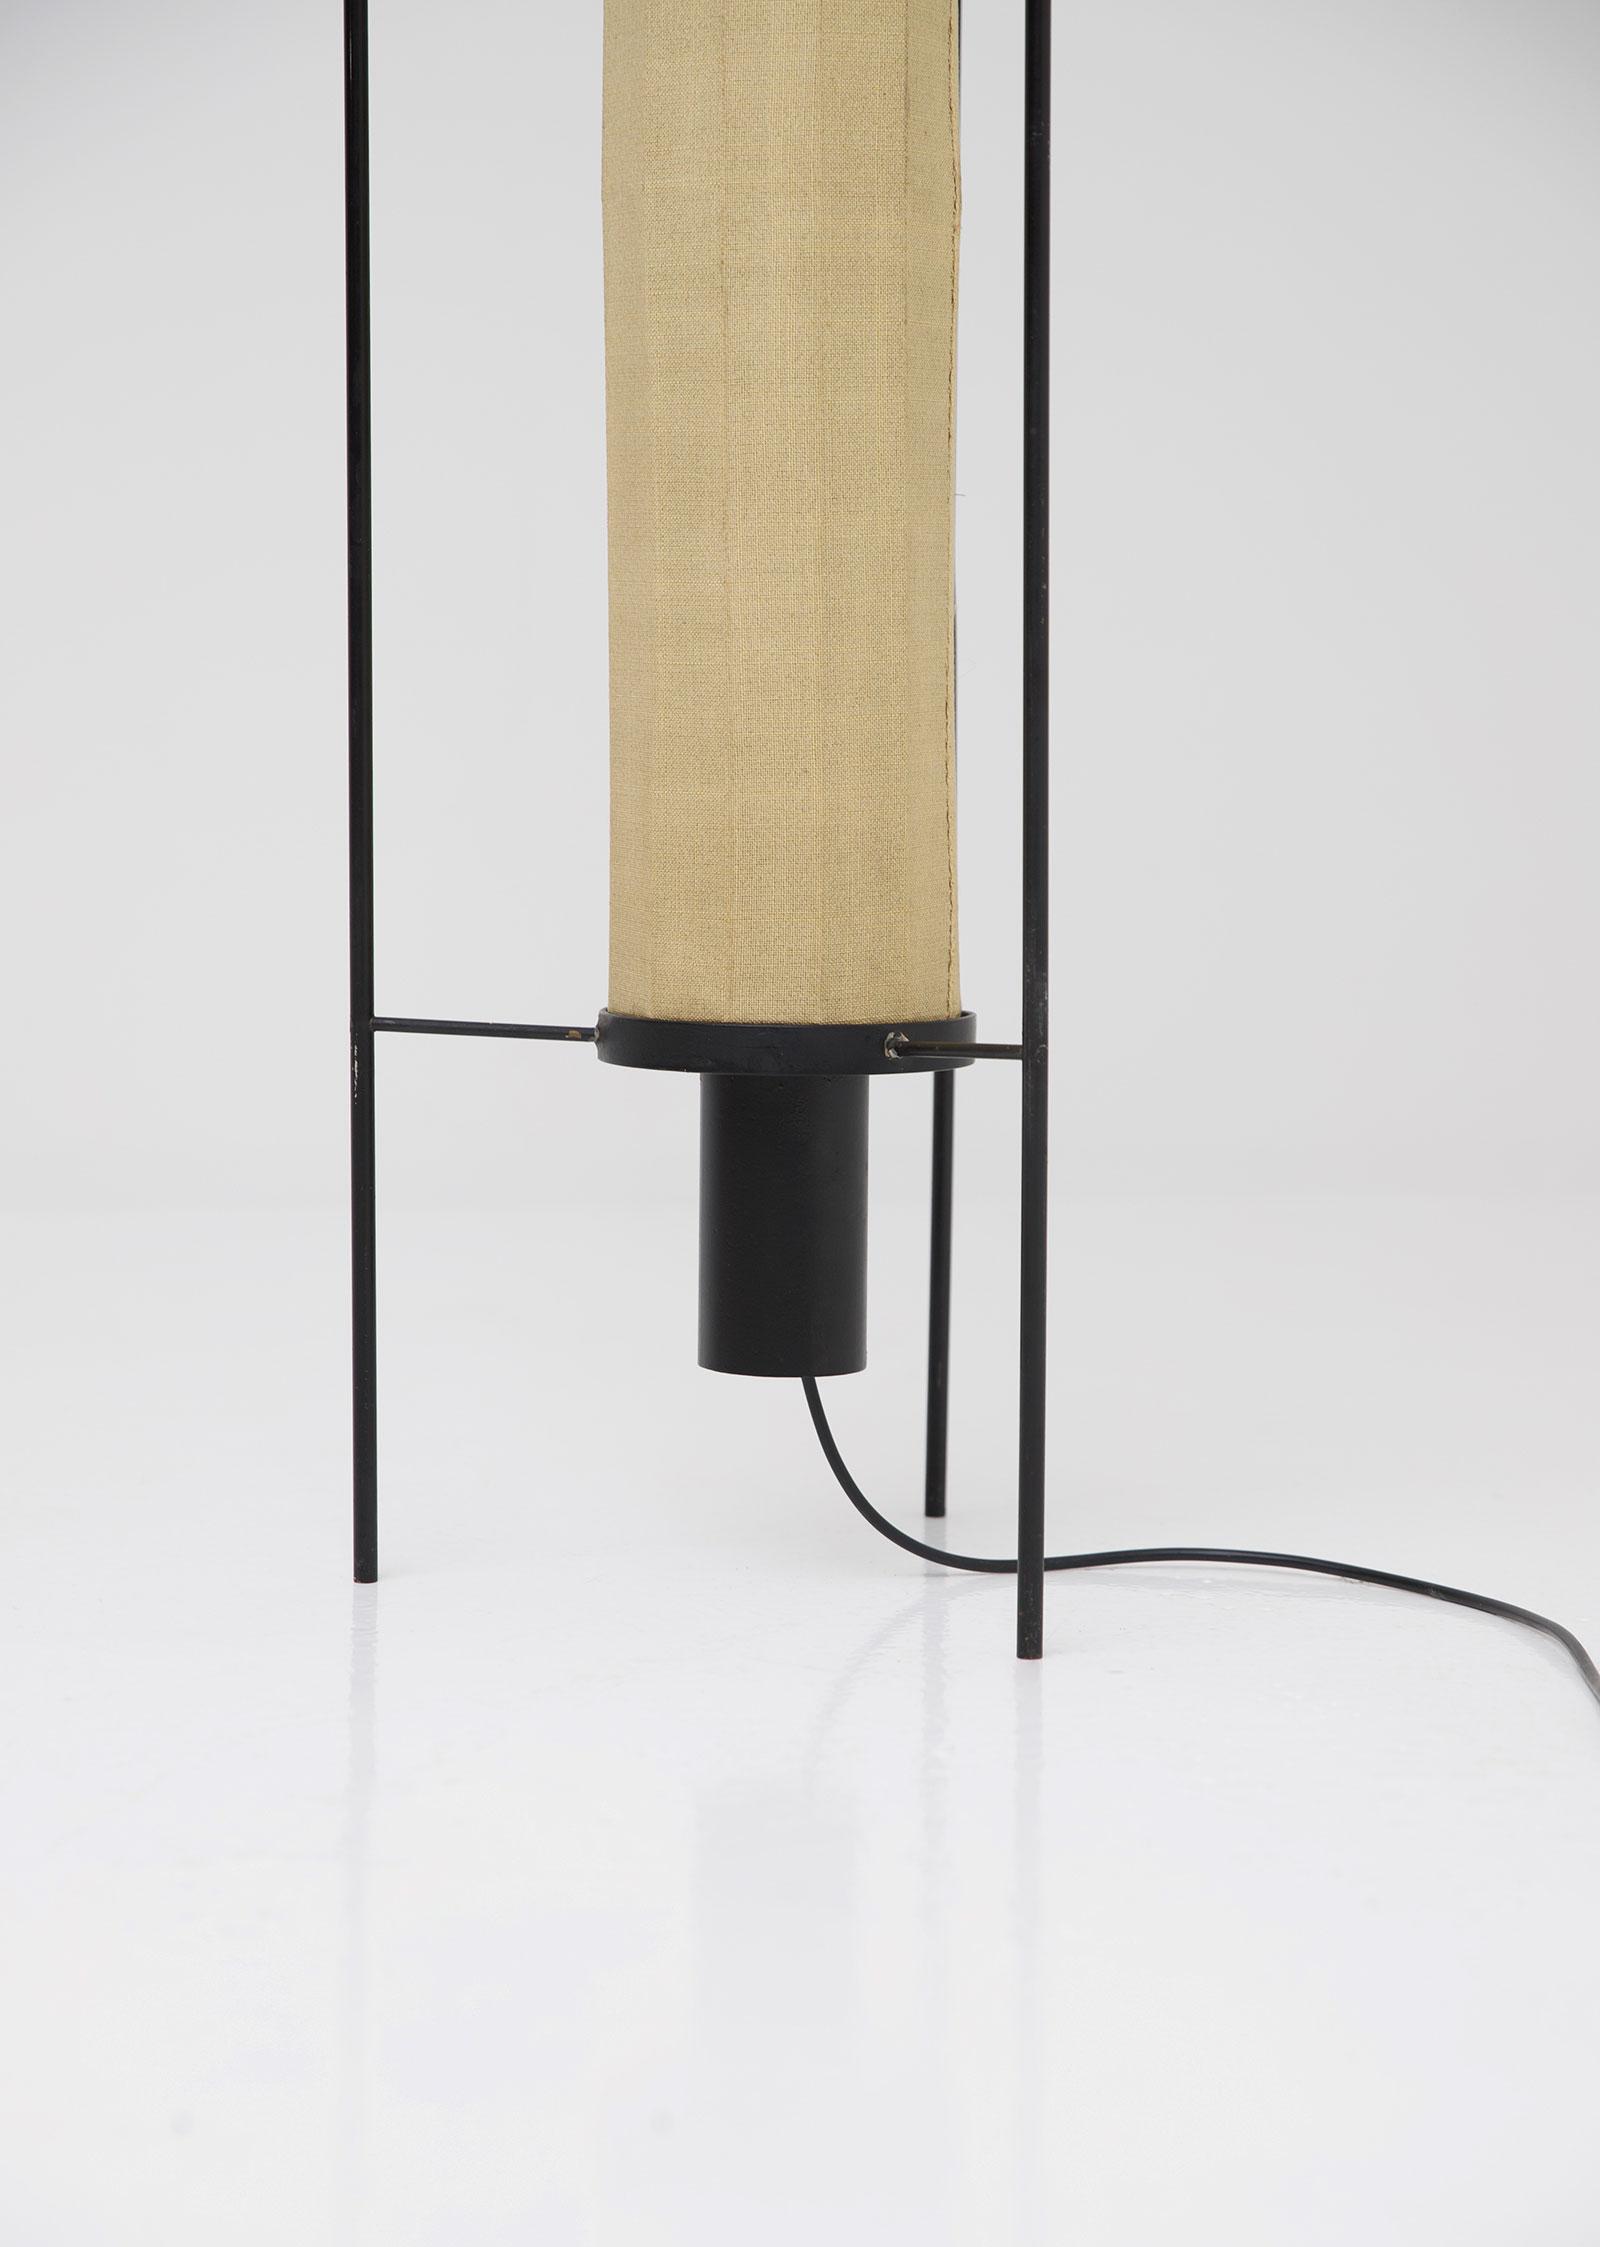 kho liang lee floor lamp k46image 4